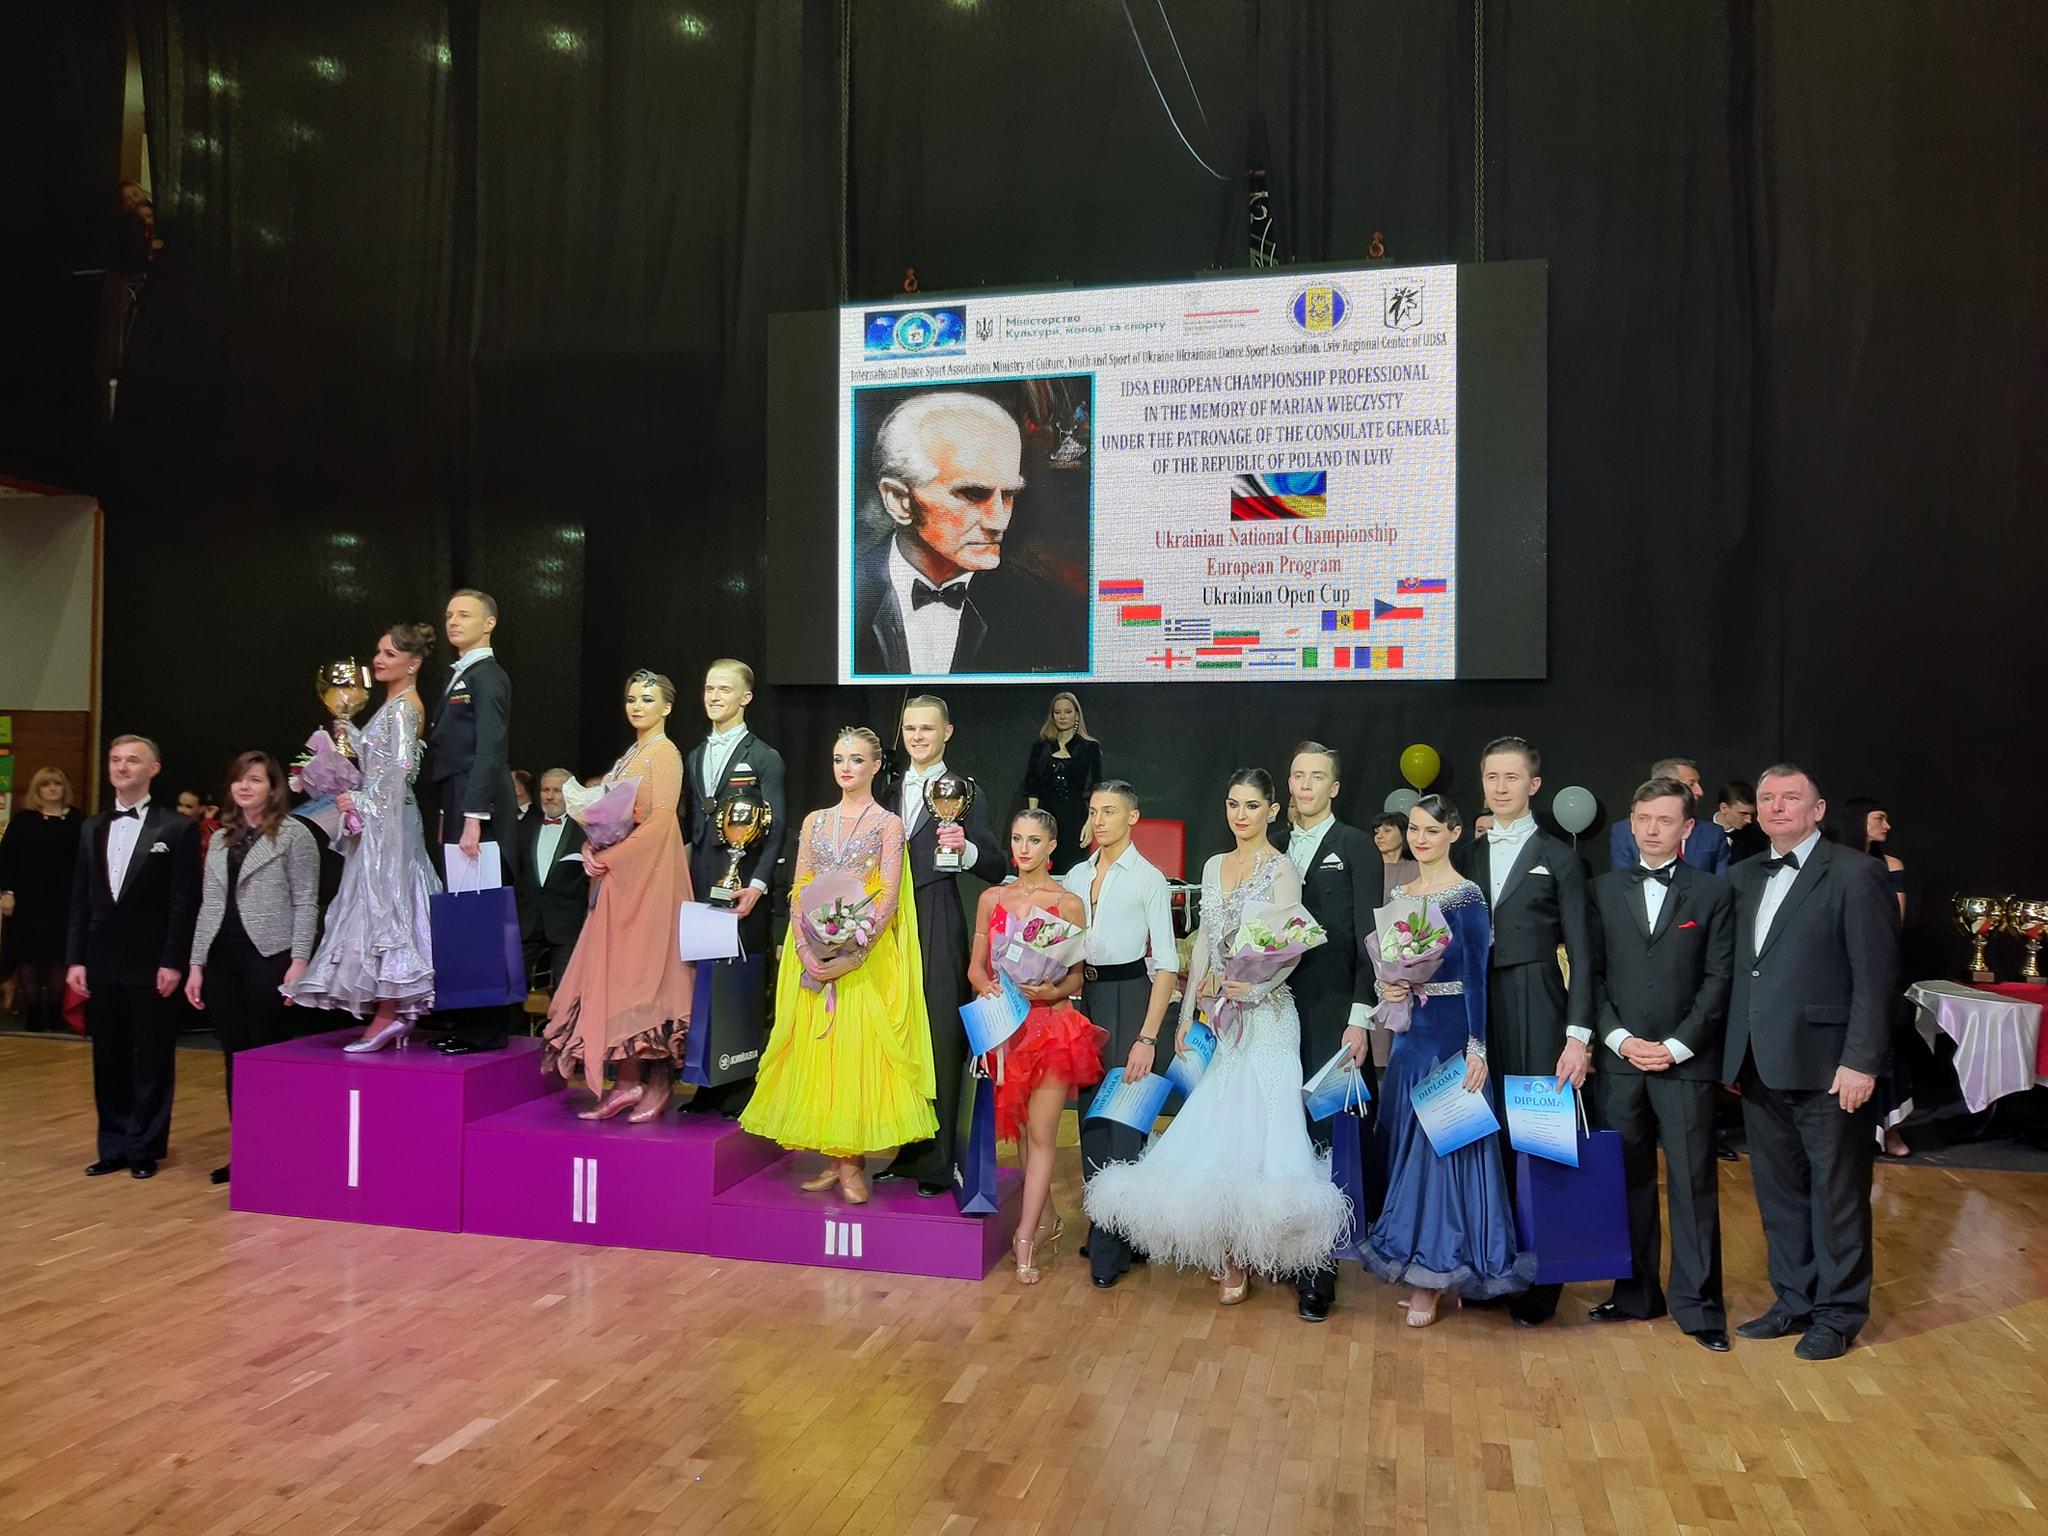 чемпіонат Європи зі спортивних танців, Львів. фото